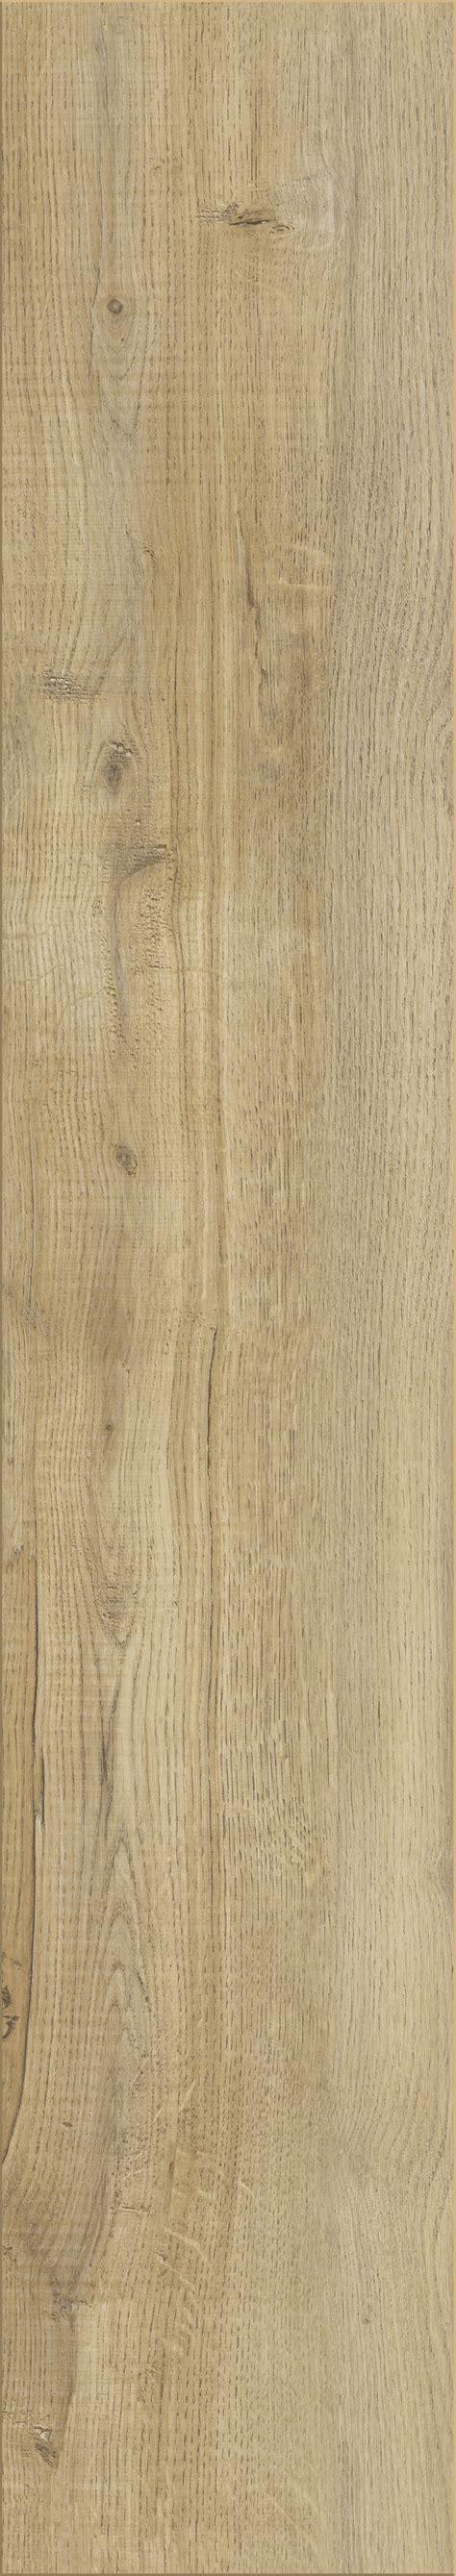 KRONOTEX EXQUISIT PLUS ? Montmelo Oak nature D 3661 from